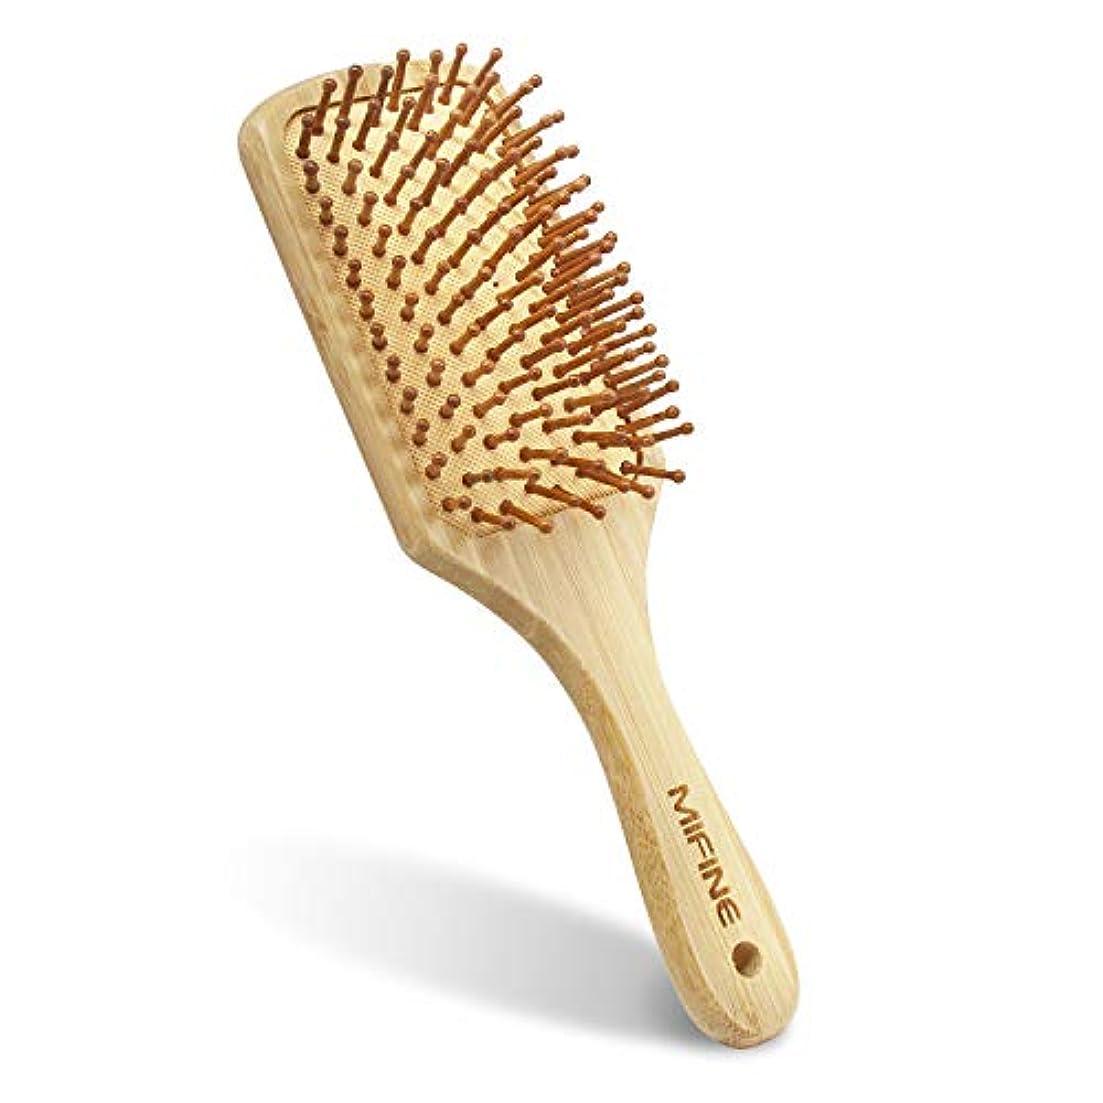 グリーンランド原因スカルクヘアブラシ 木製櫛 Mifine 頭皮/肩/顔マッサージコーム 美髪ケア 血行促進 薄毛改善 (大) [並行輸入品]